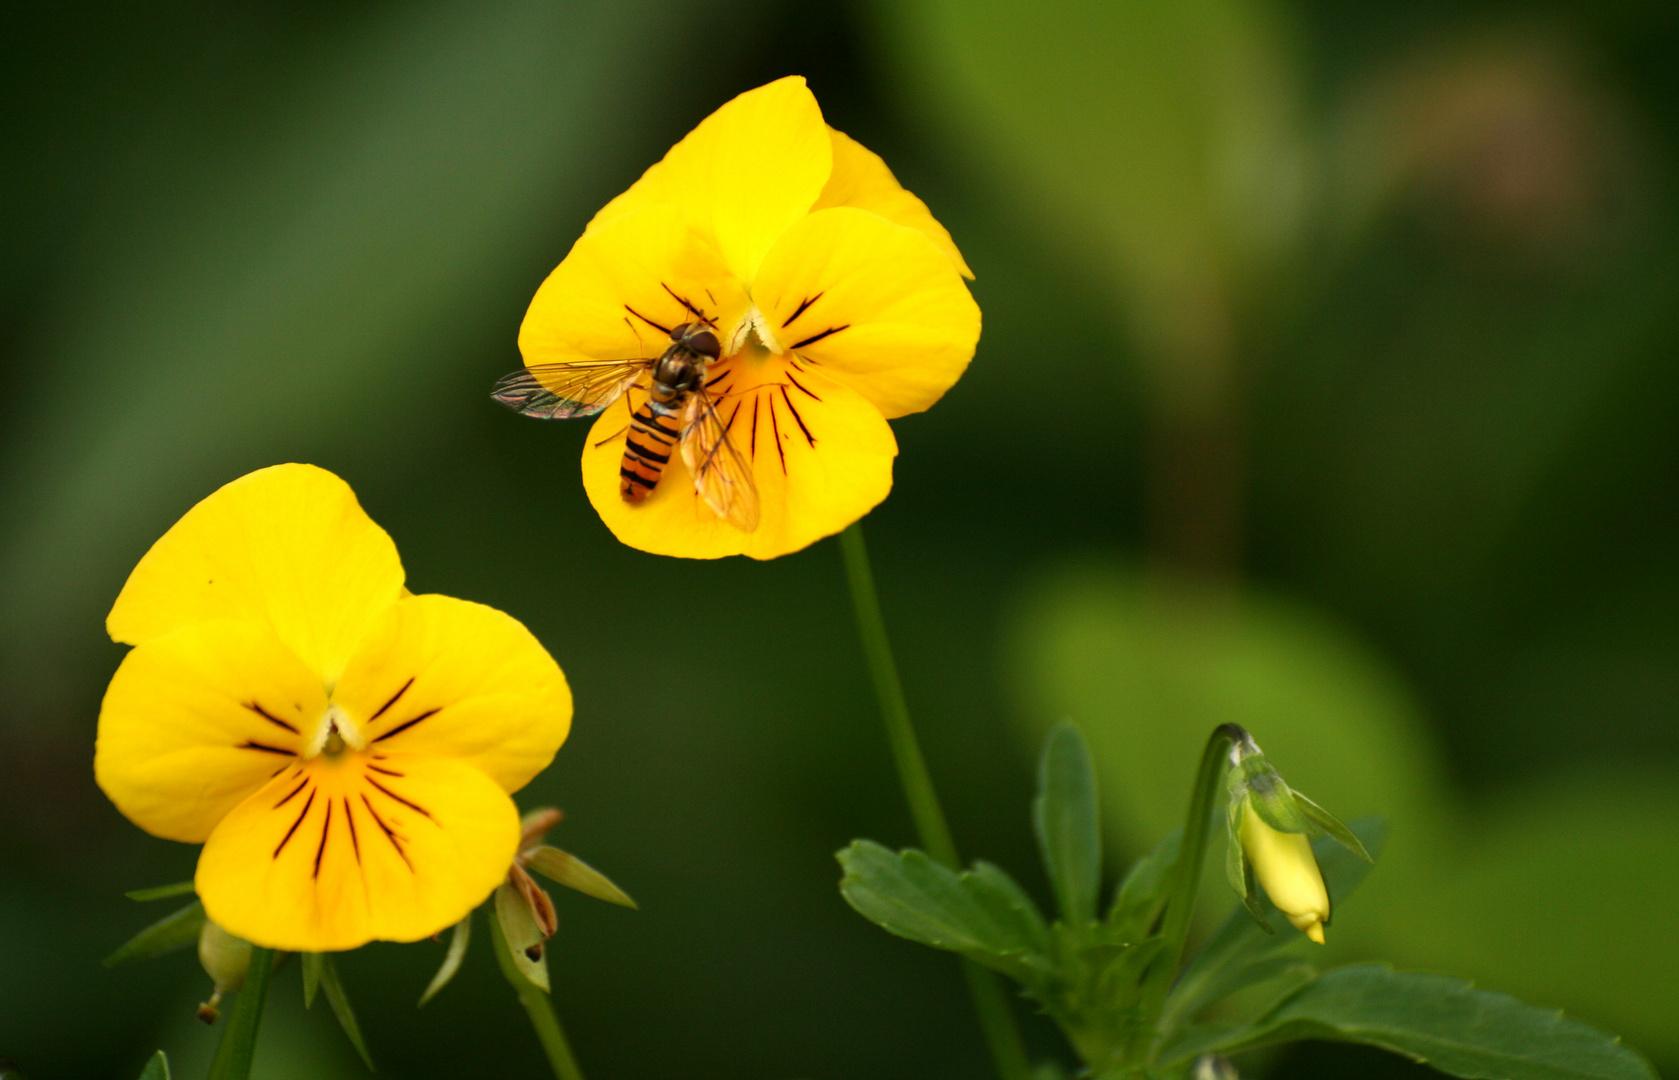 Gelb-schwarz gestreift